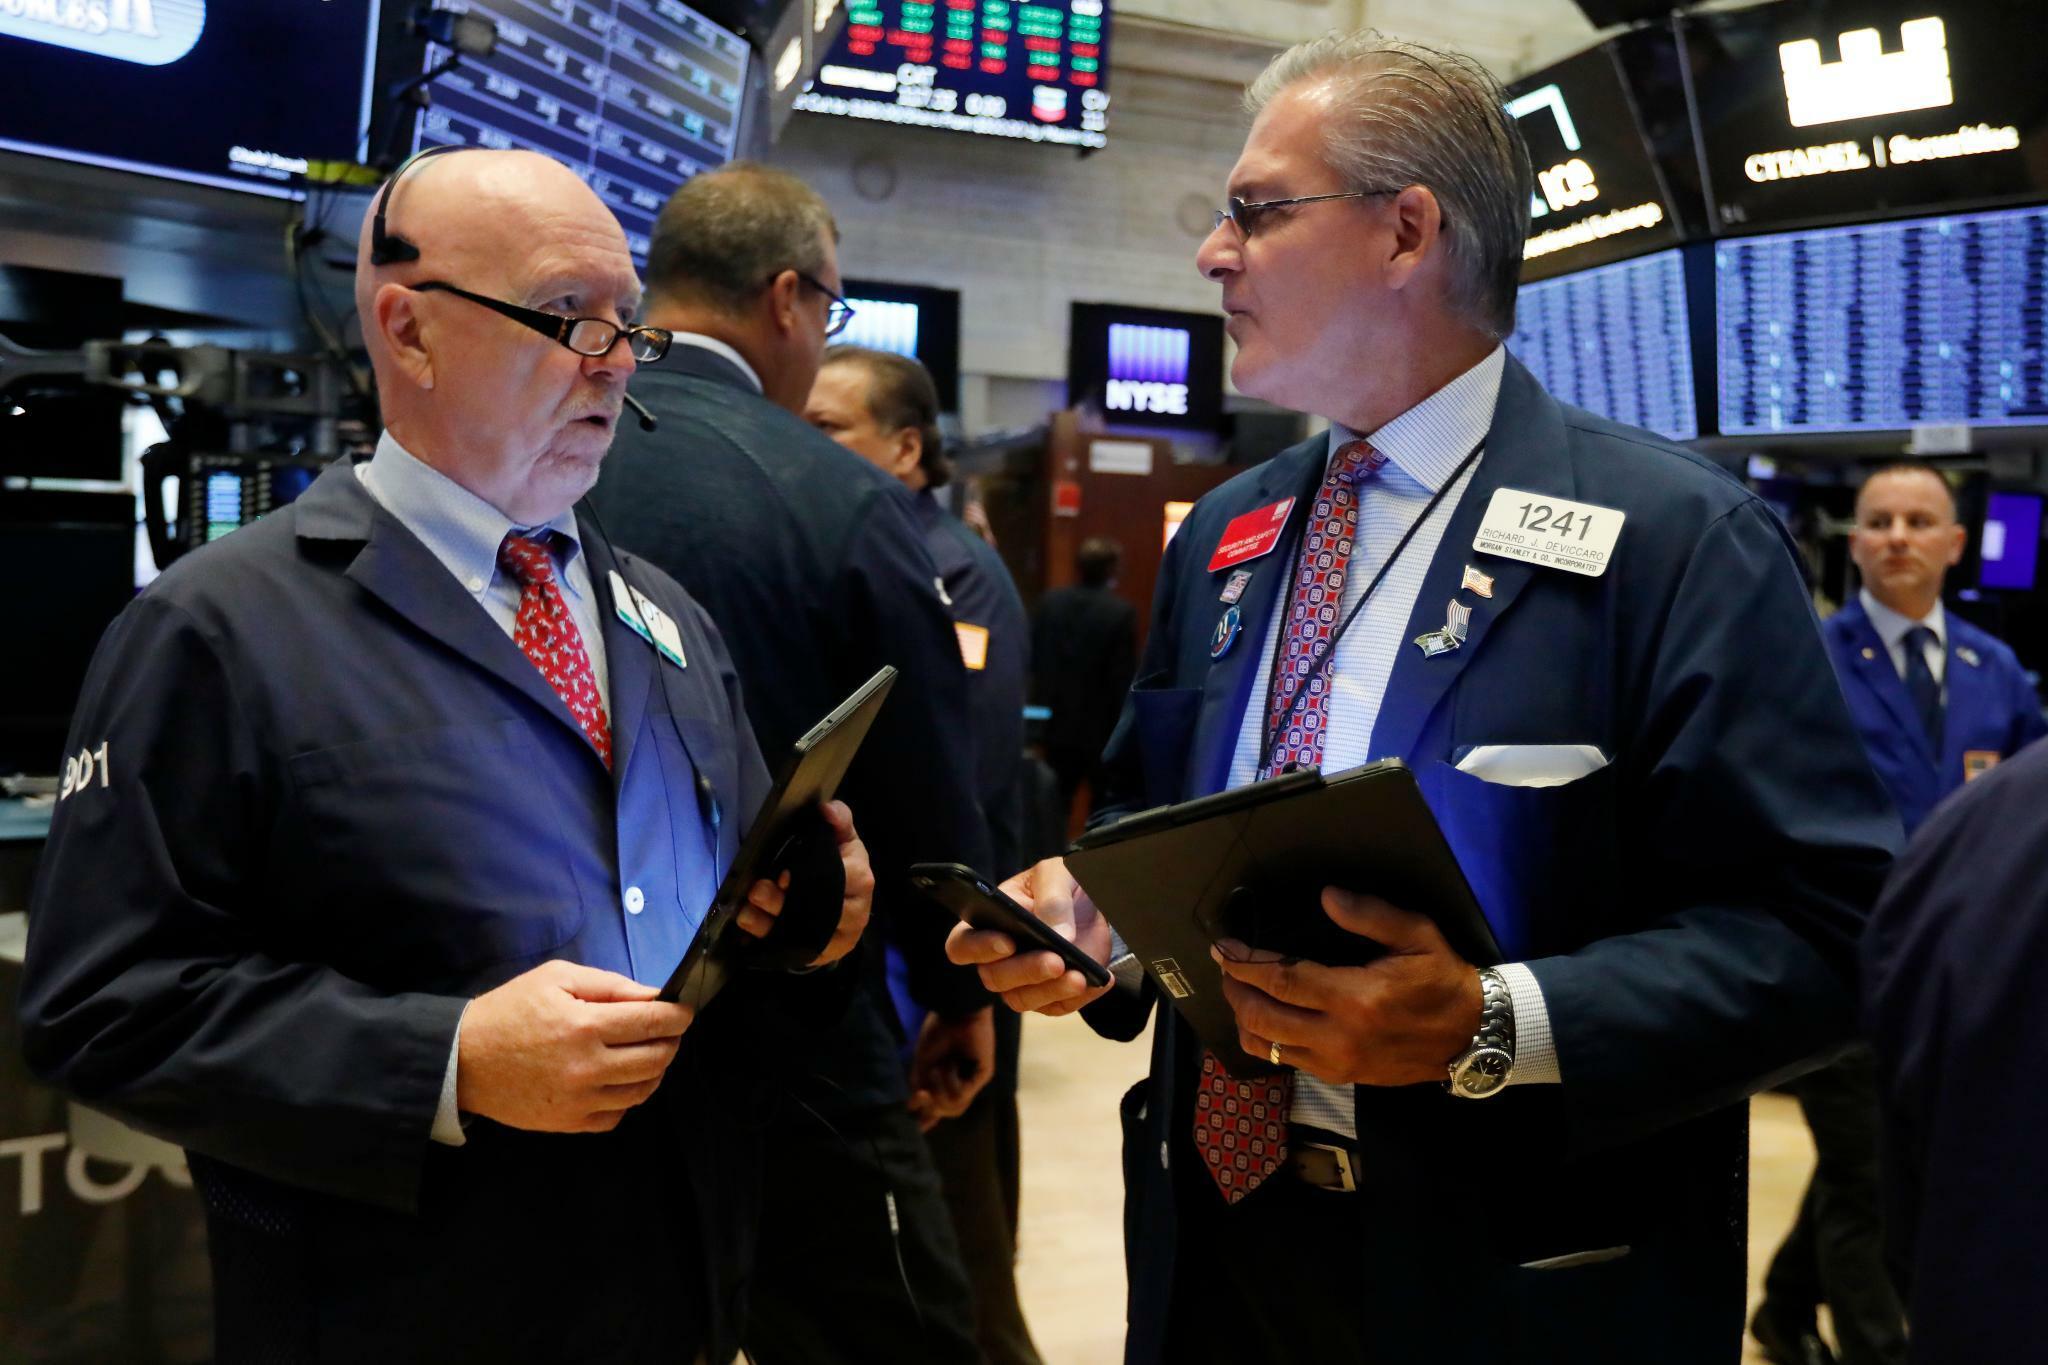 Dow Jones, Nasdaq, S&P 500: Verschiebung von Strafzöllen ermuntert Anleger – Wall Street eröffnet etwas höher